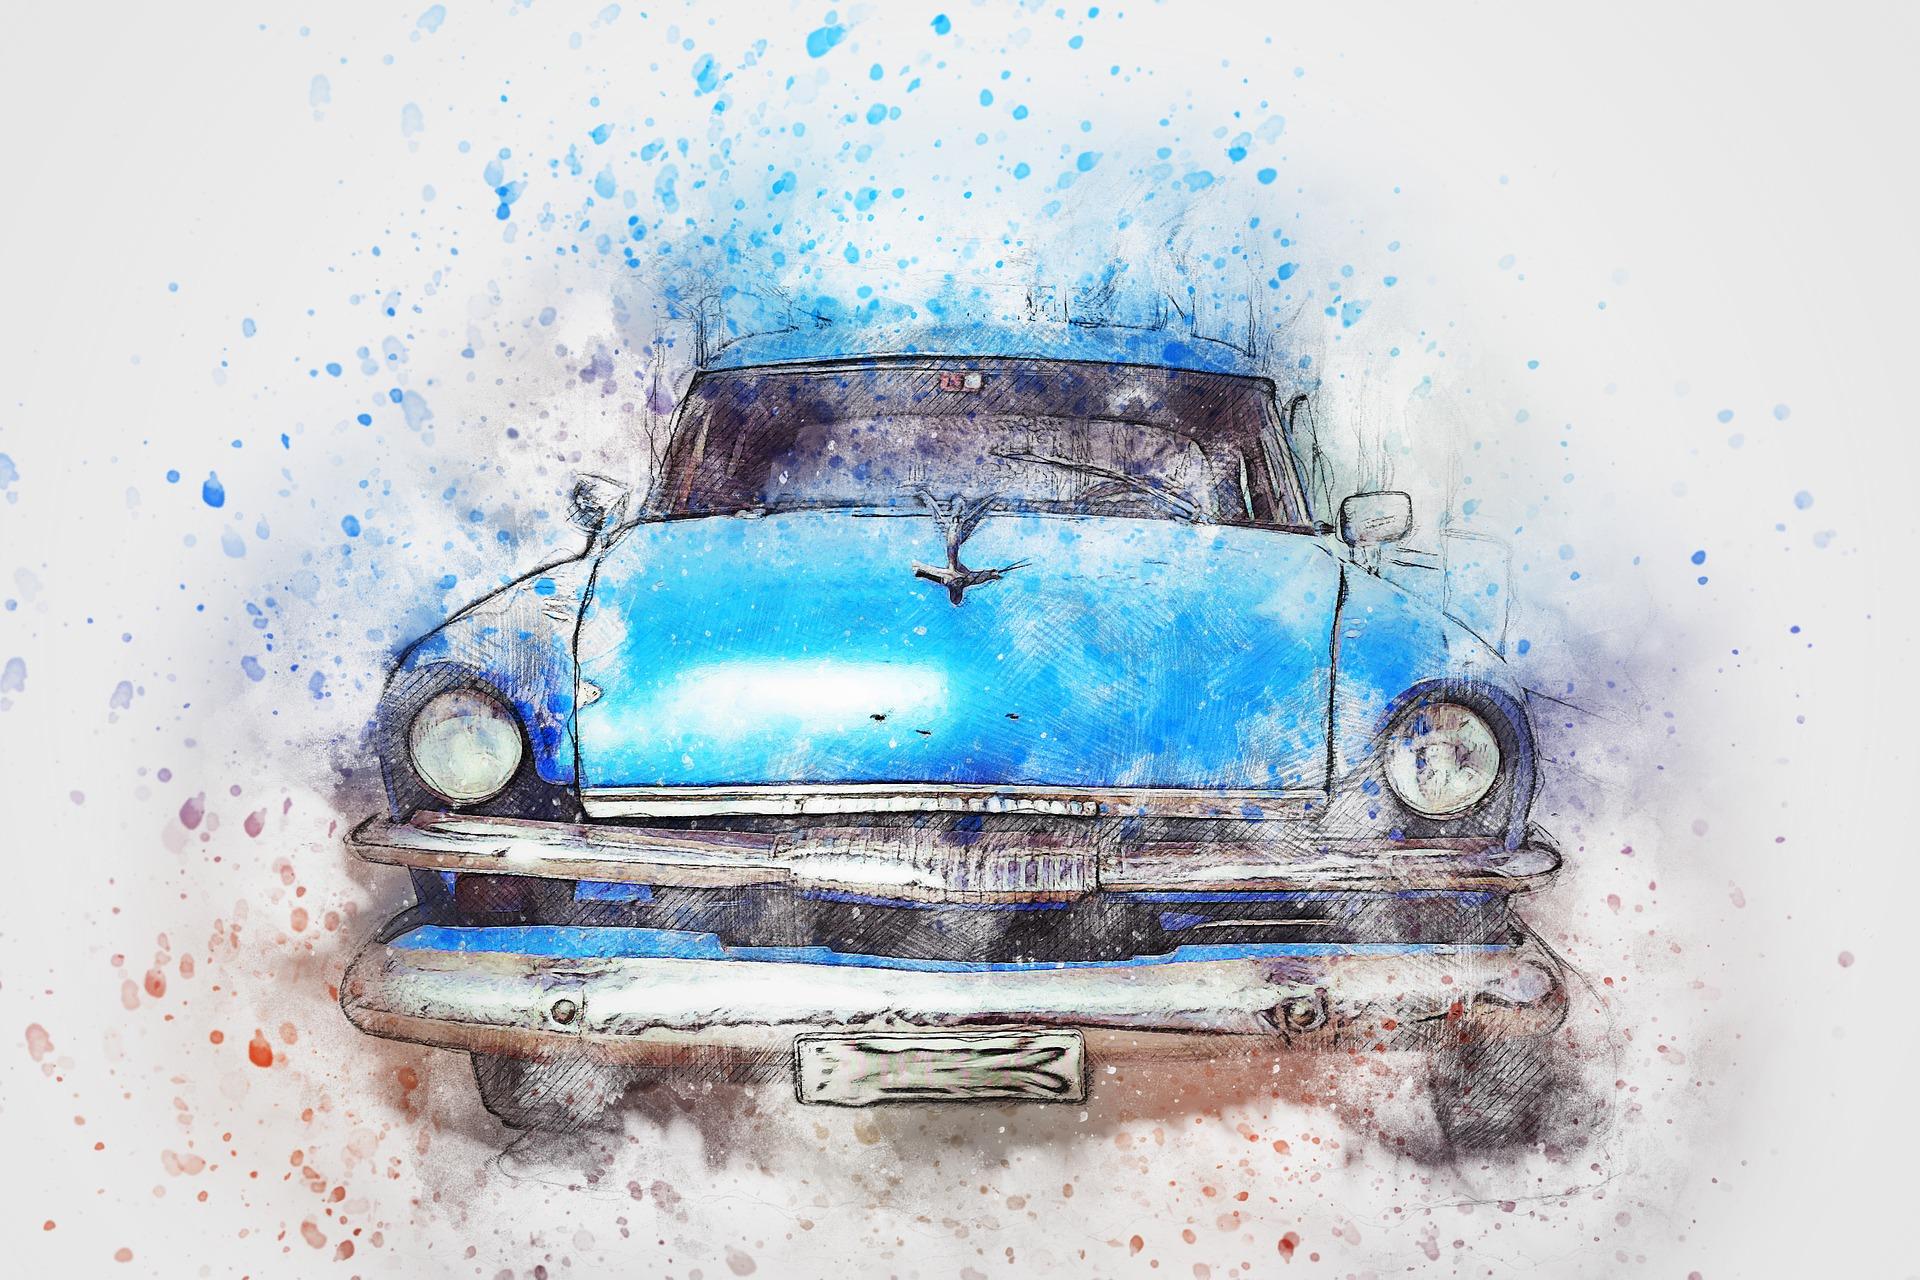 car-2573827_1920